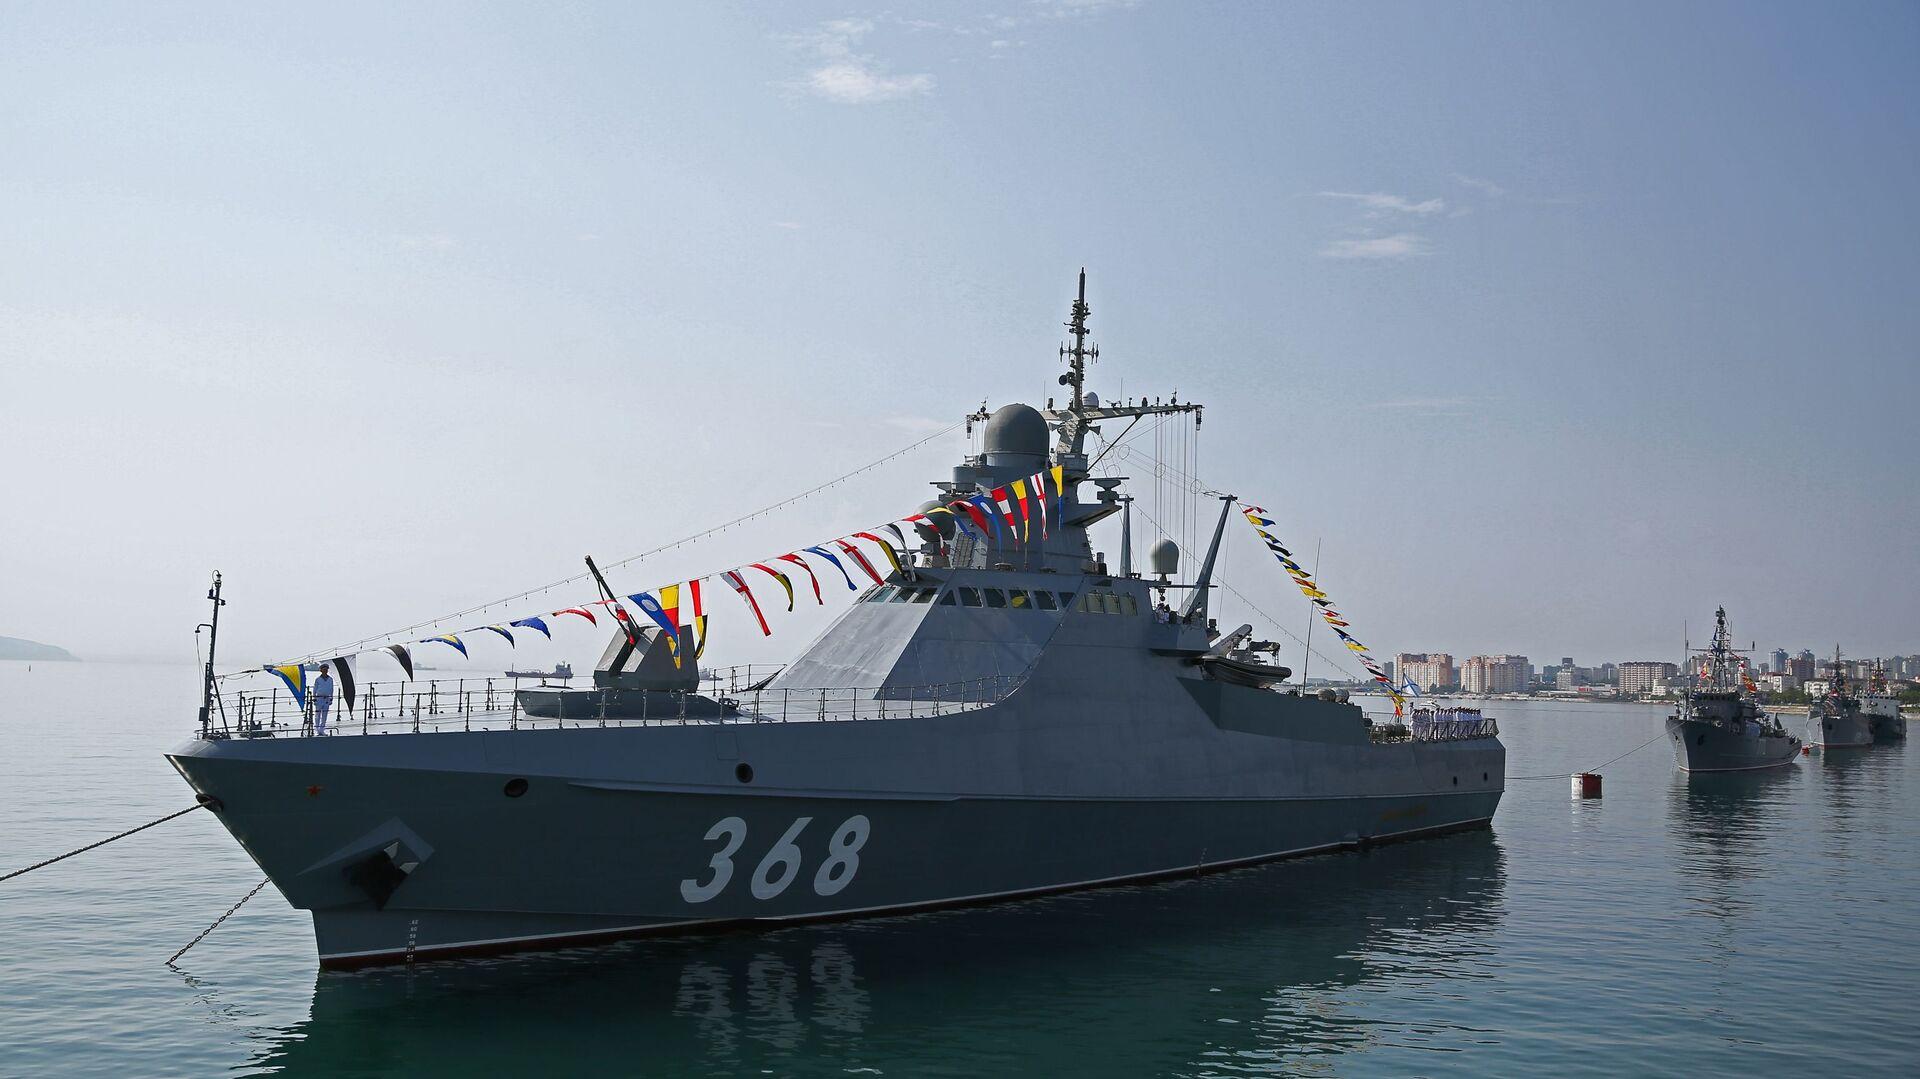 Tàu tuần tra dự án 22160 Vasily Bykov. - Sputnik Việt Nam, 1920, 25.06.2021